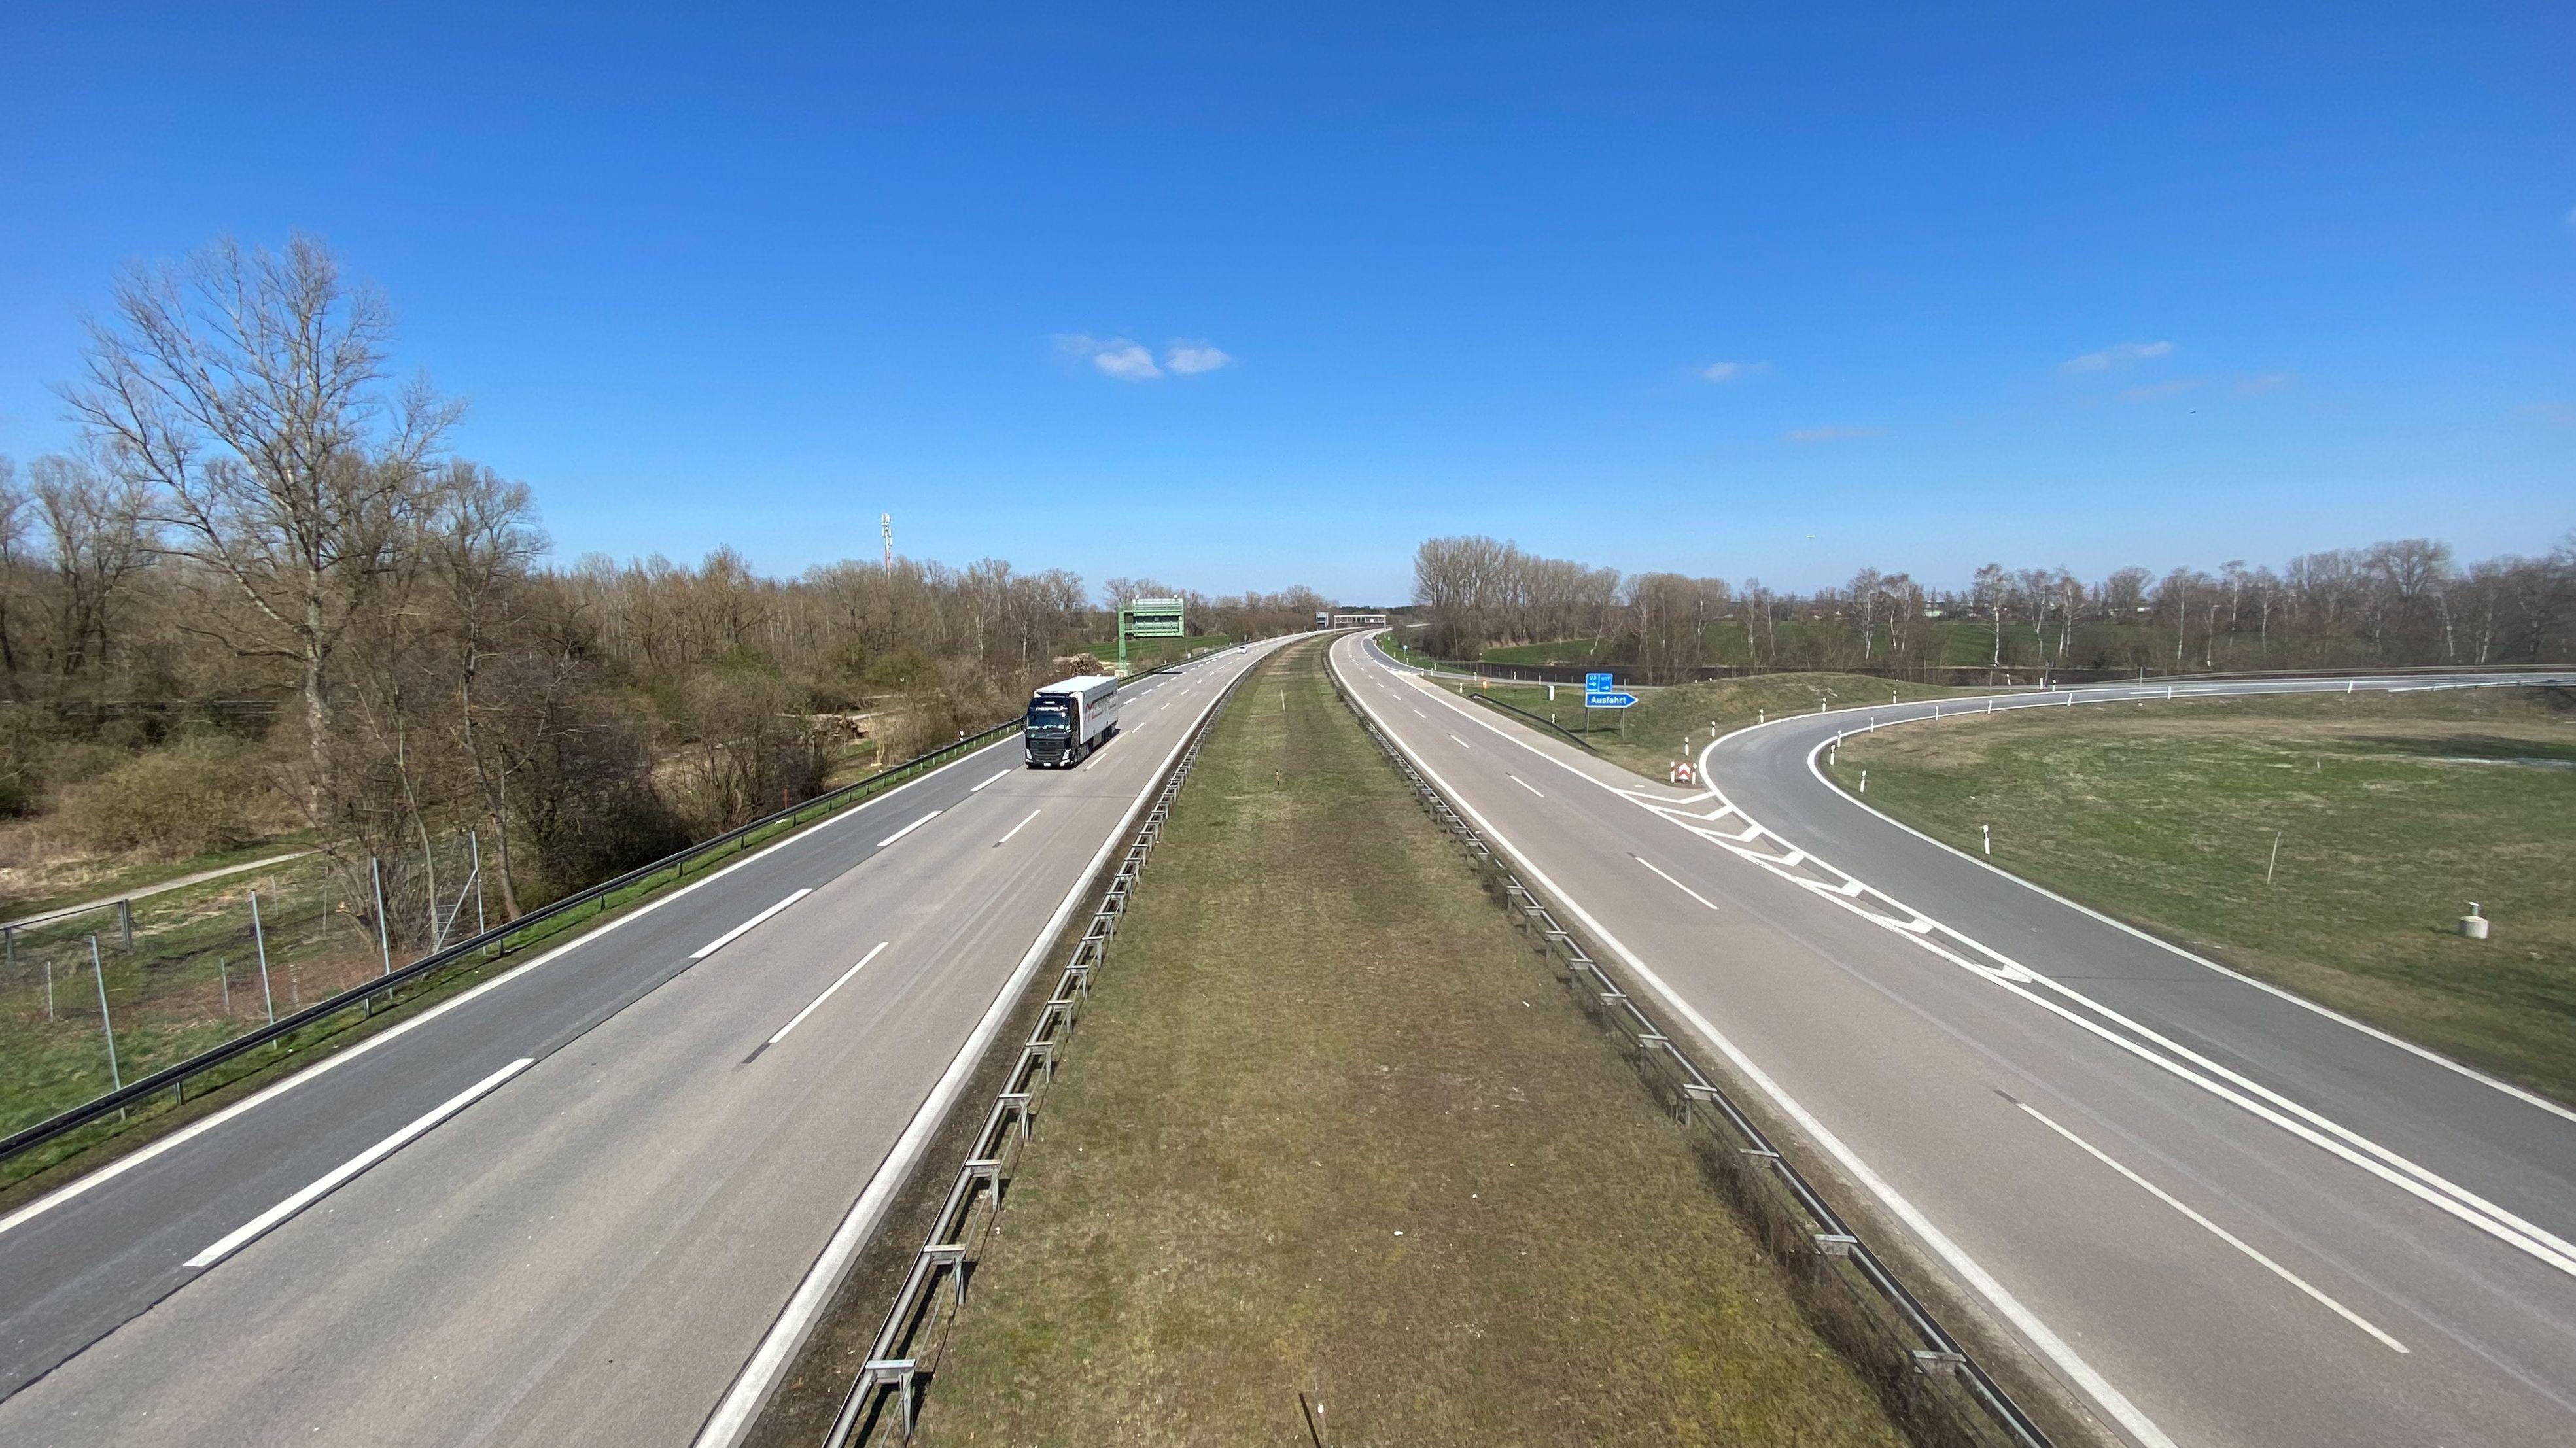 So leer wie derzeit sind die bayerischen Autobahnen fast nie.